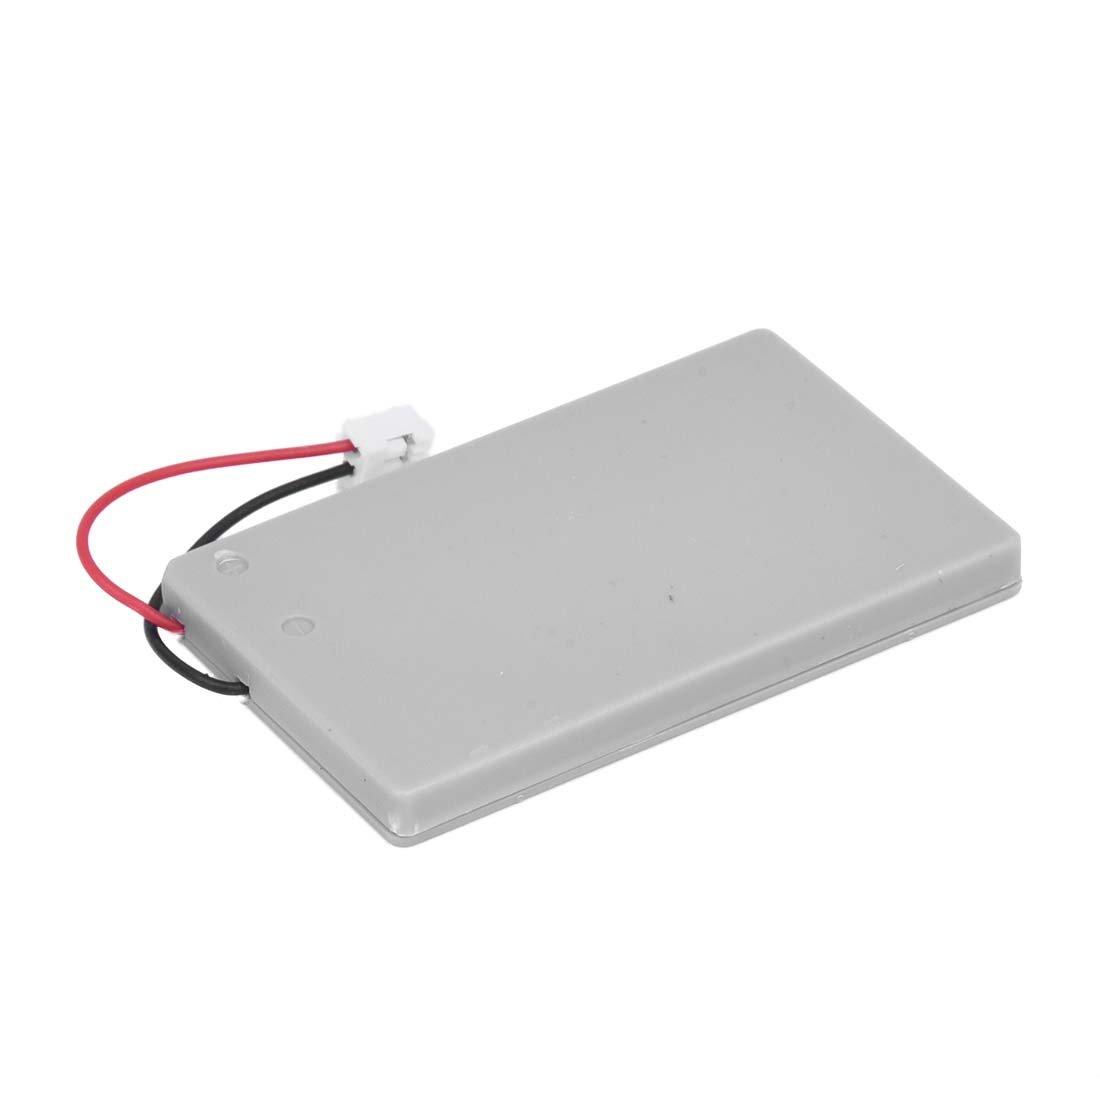 R Cavo di ricarica USB SODIAL 1800mAh batteria di ricambio di ricambio per Sony PS3 controller batteria al litio